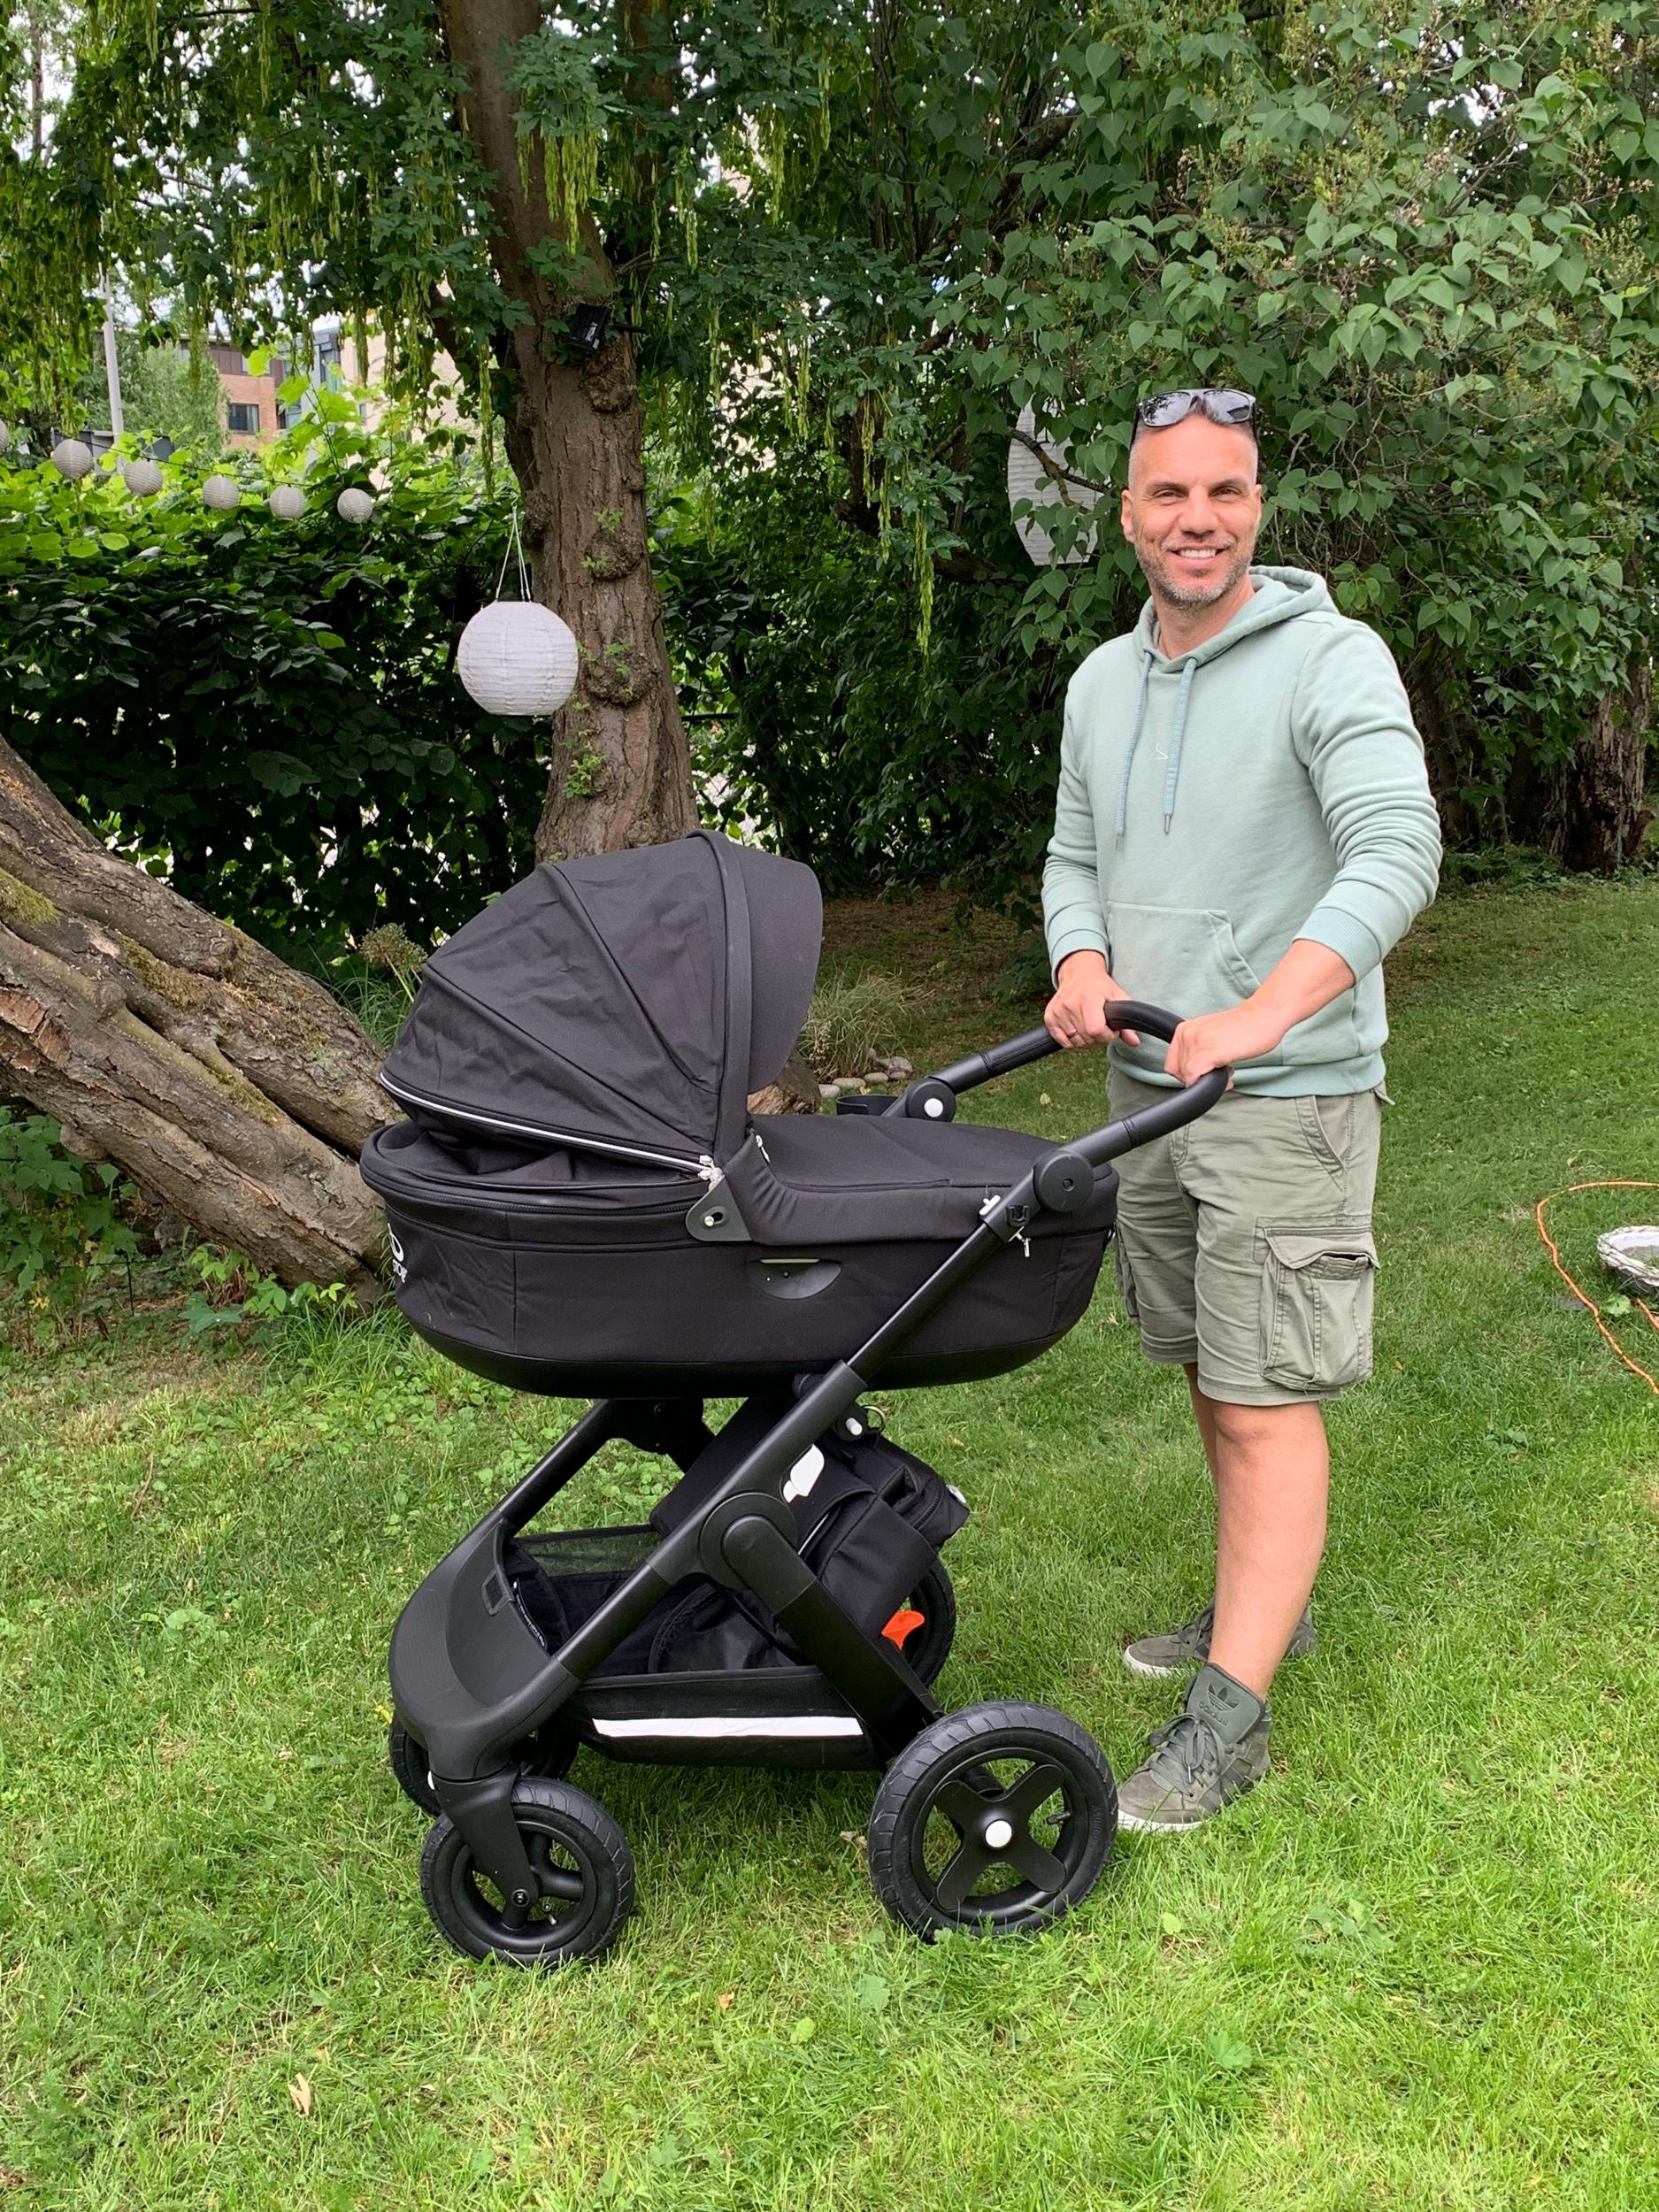 STOR BABY, STOR BARNEVOGN: Vi har kjøpt barnevogn og Kjartan er ute å prøvekjører i hagen.